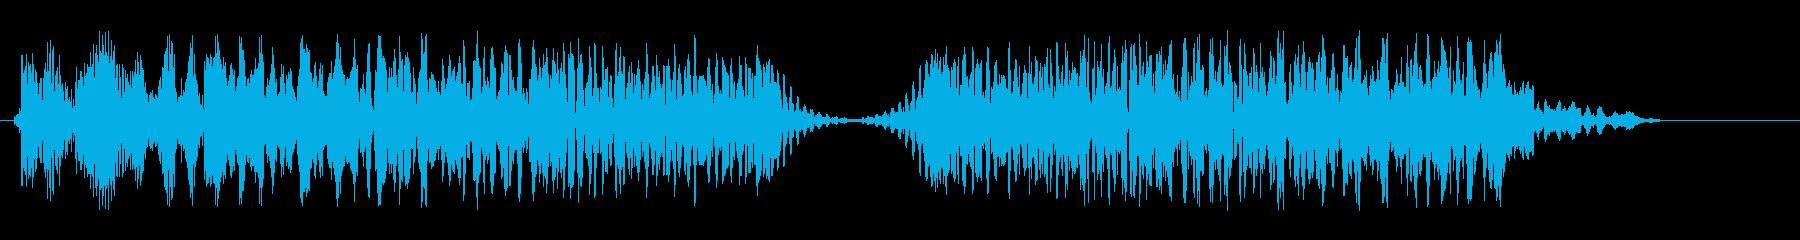 アップダウン(コミカル)の再生済みの波形